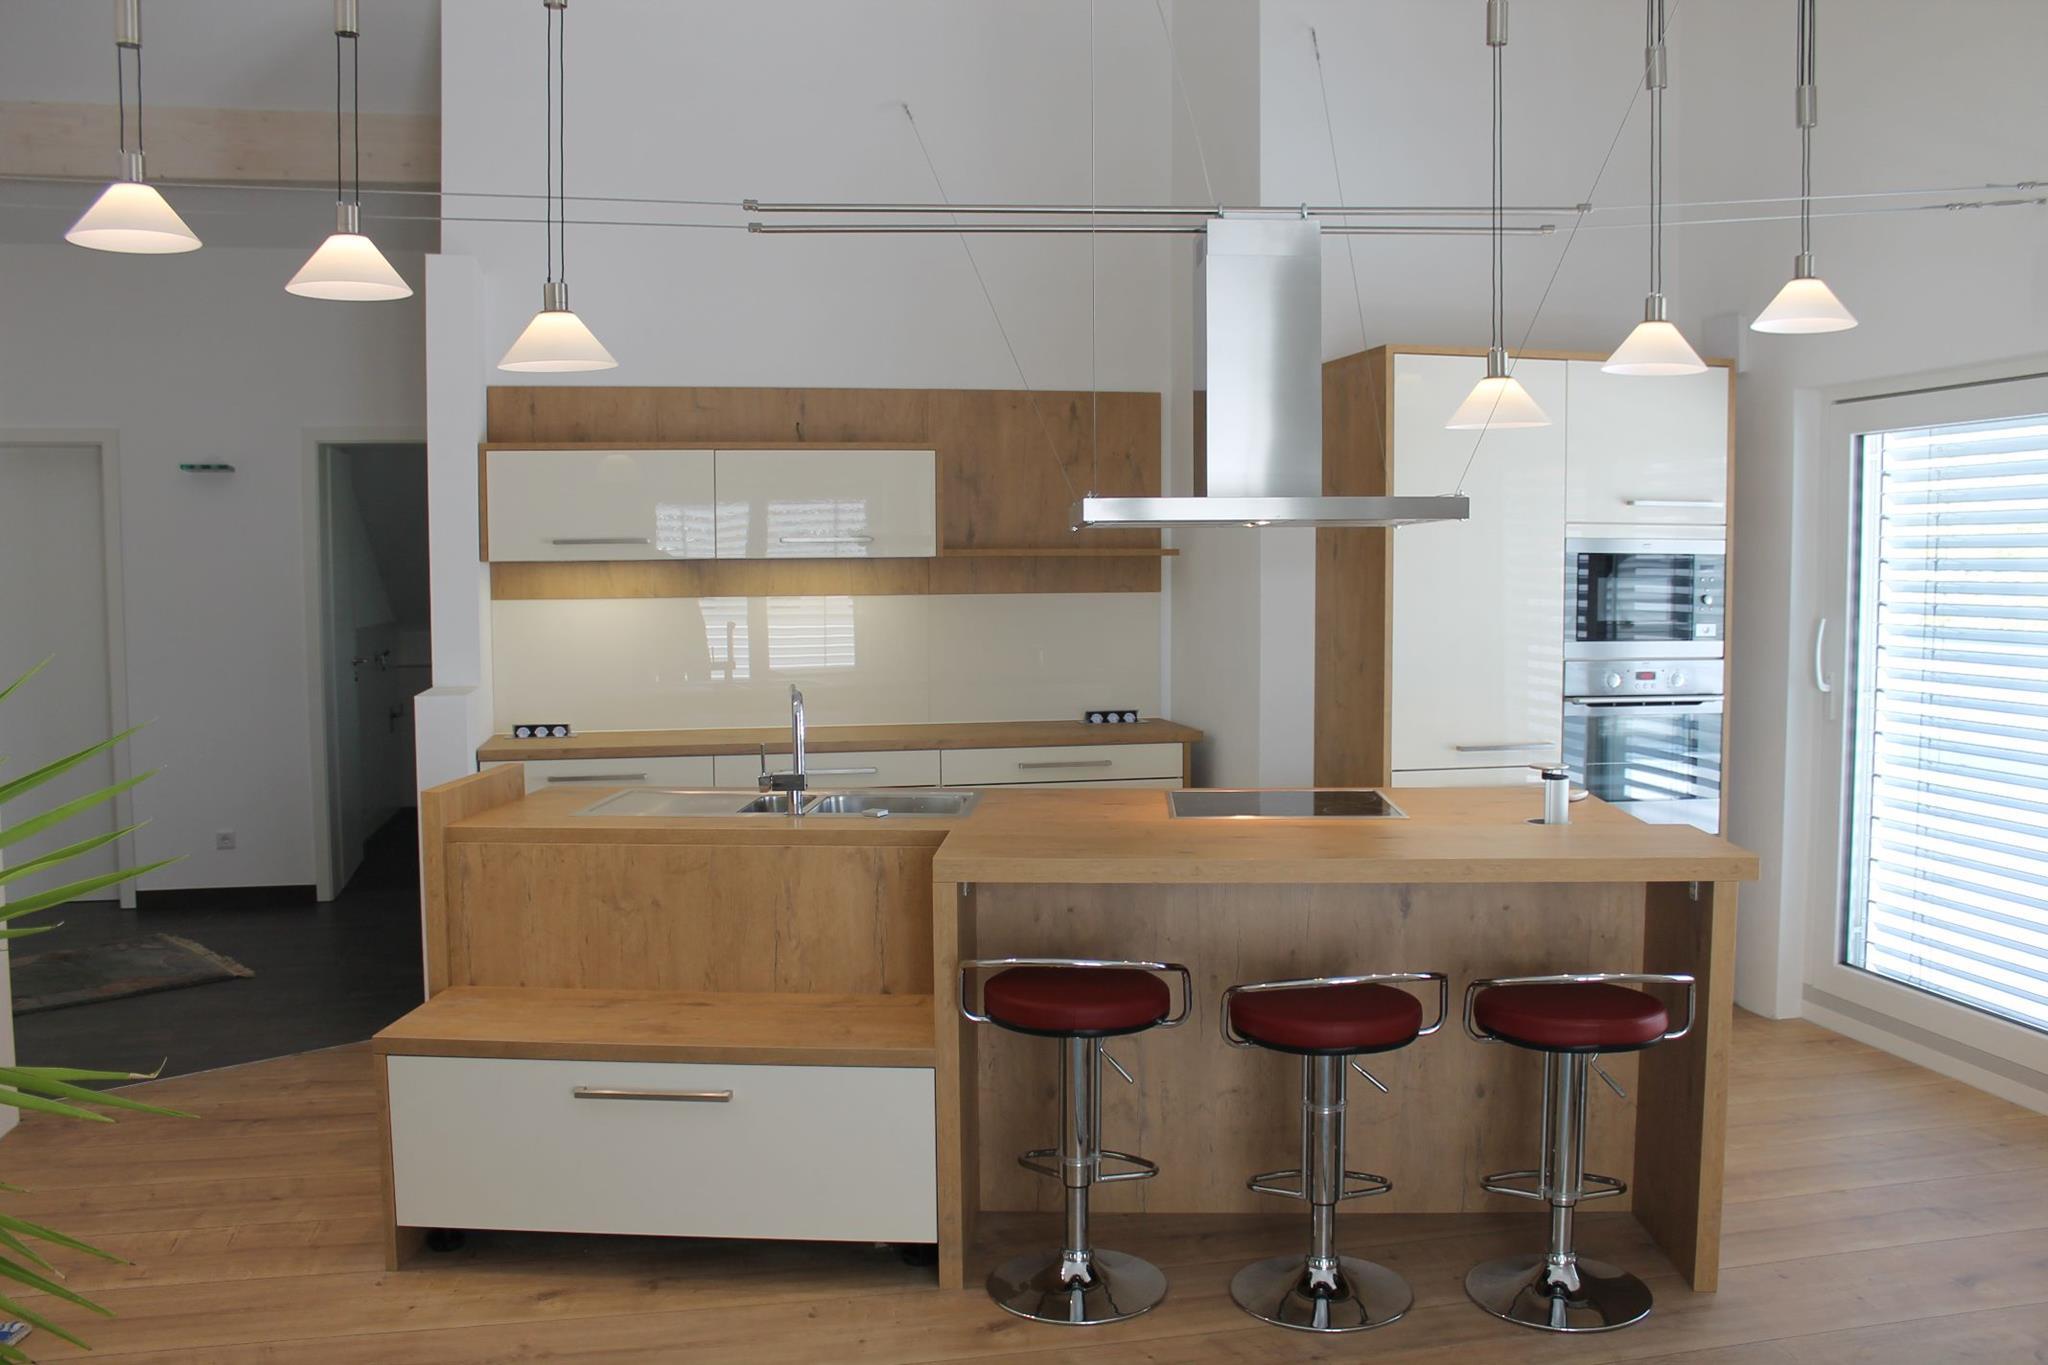 Beste Led Pendelleuchten Für Kücheninsel Fotos - Küchen Design Ideen ...